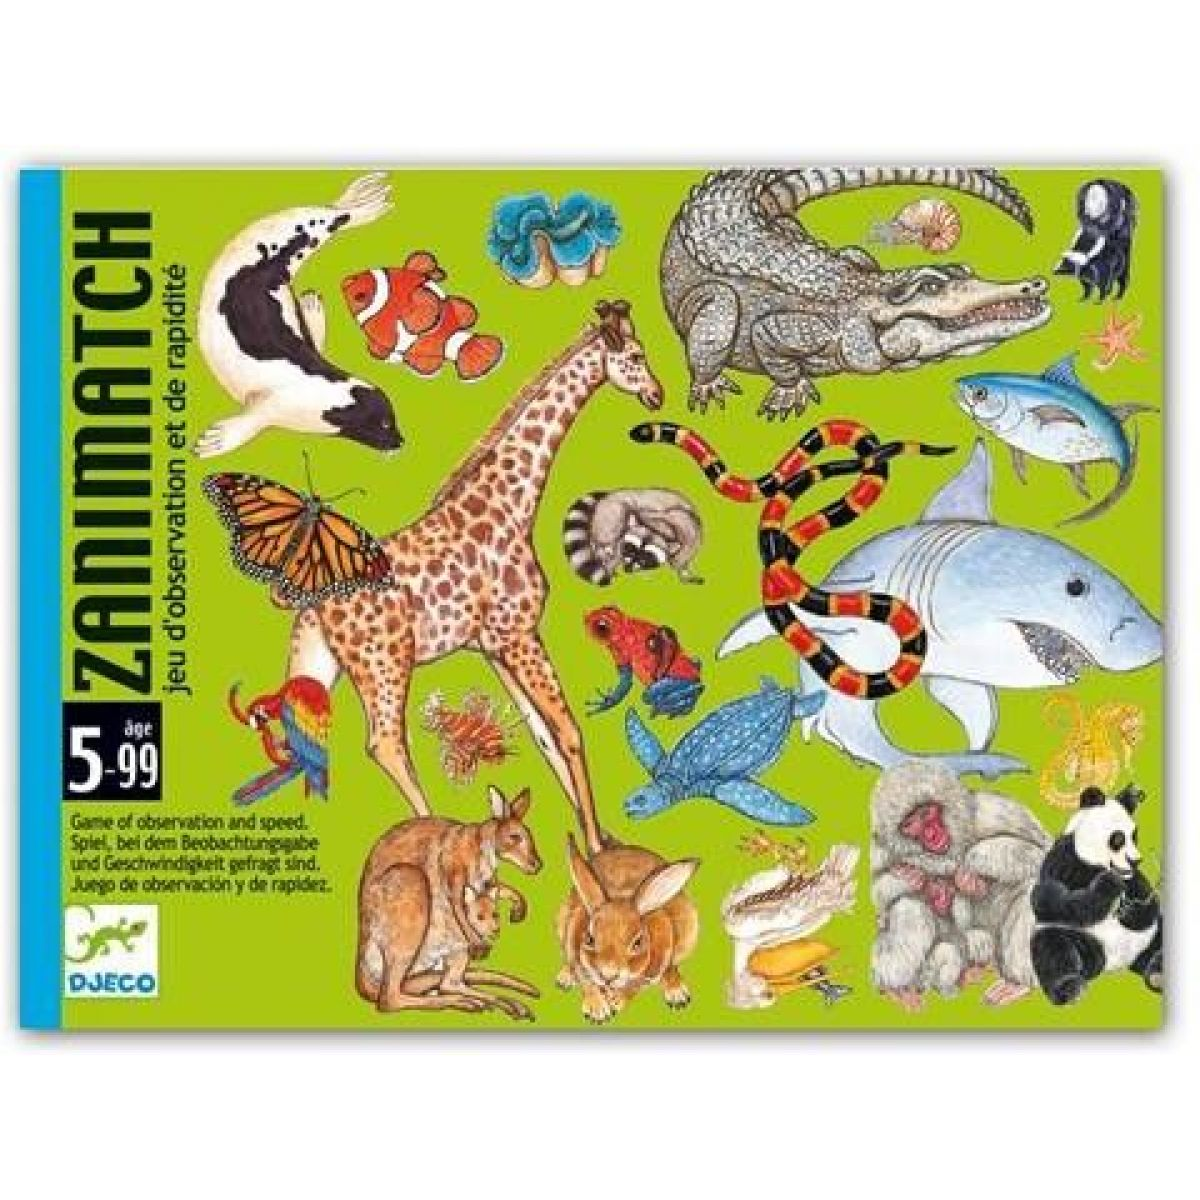 Djeco Karetní hra Zanimatch